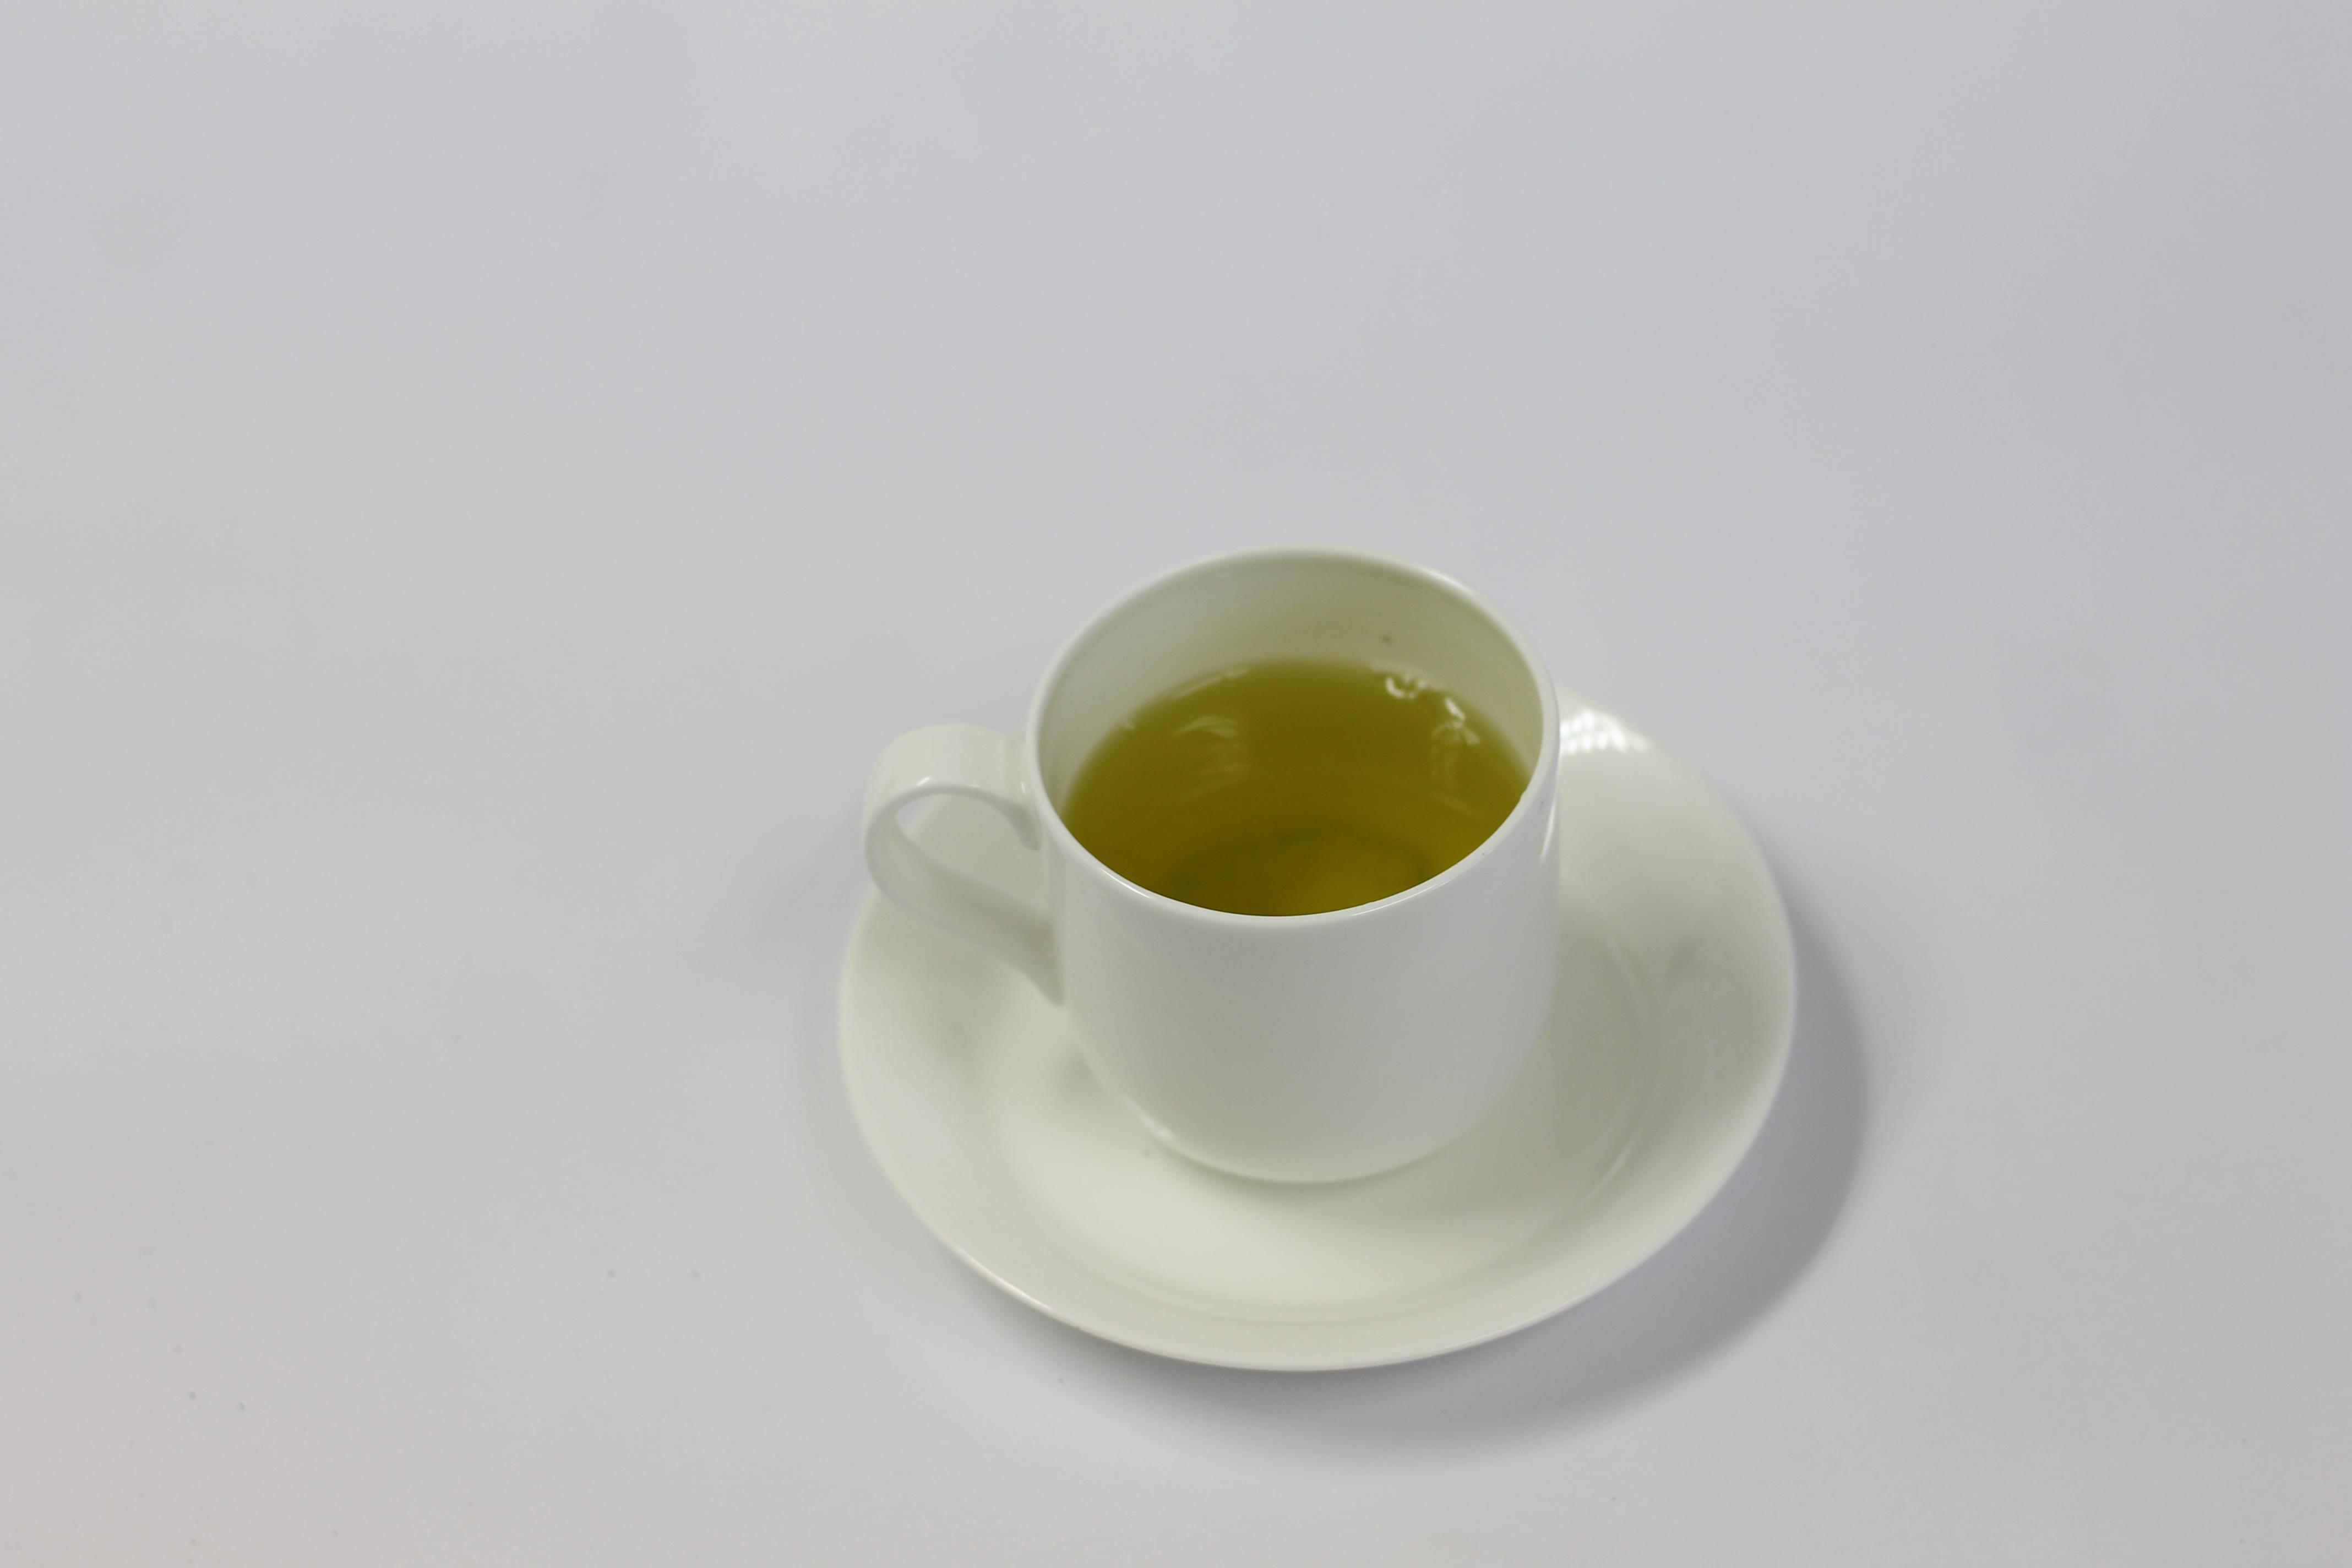 緑茶(煎茶)の効能 ~テアニン編~